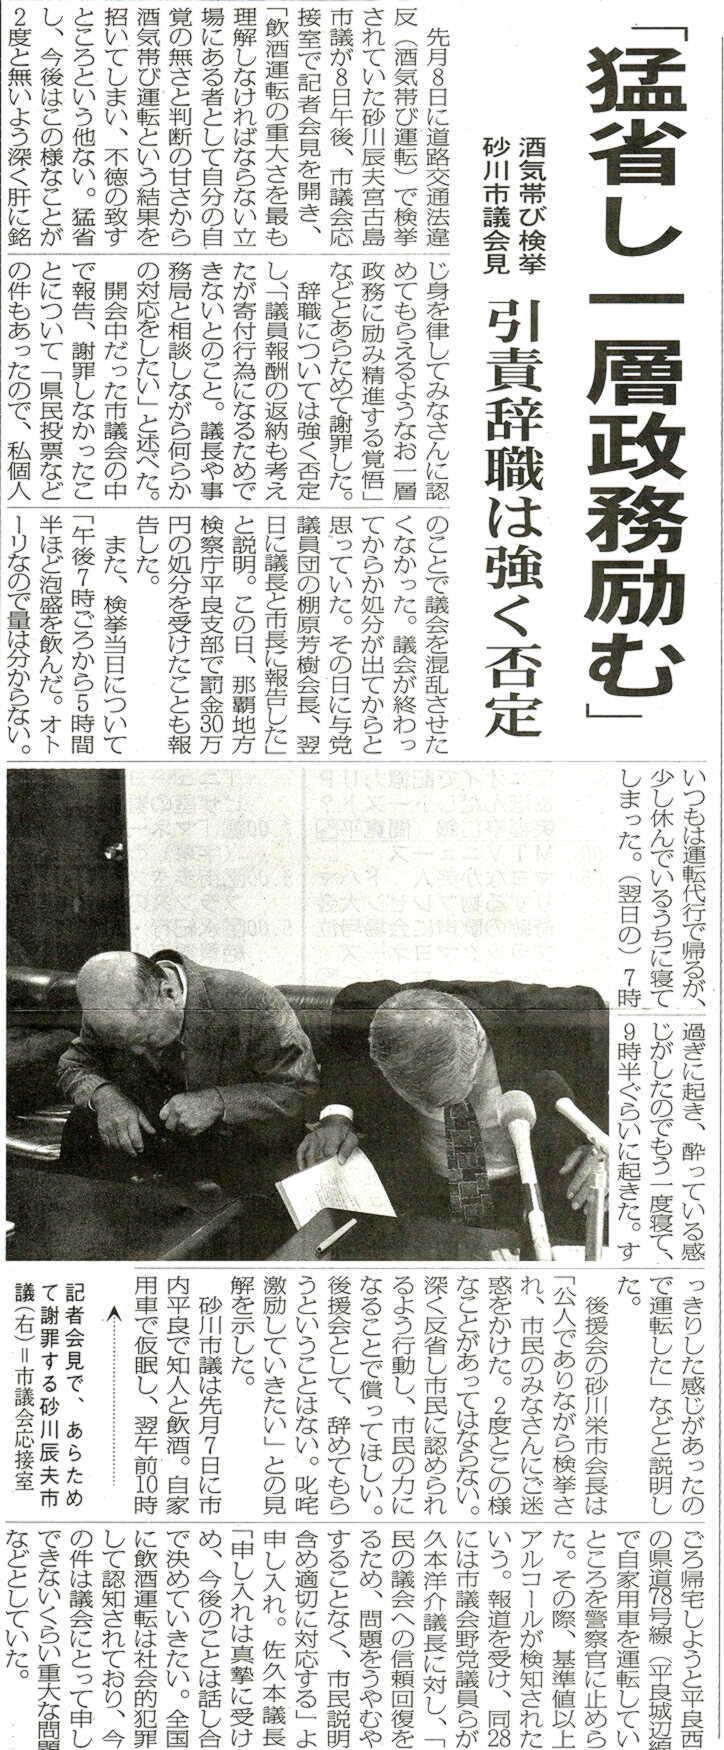 miyakomainichi2019 01092